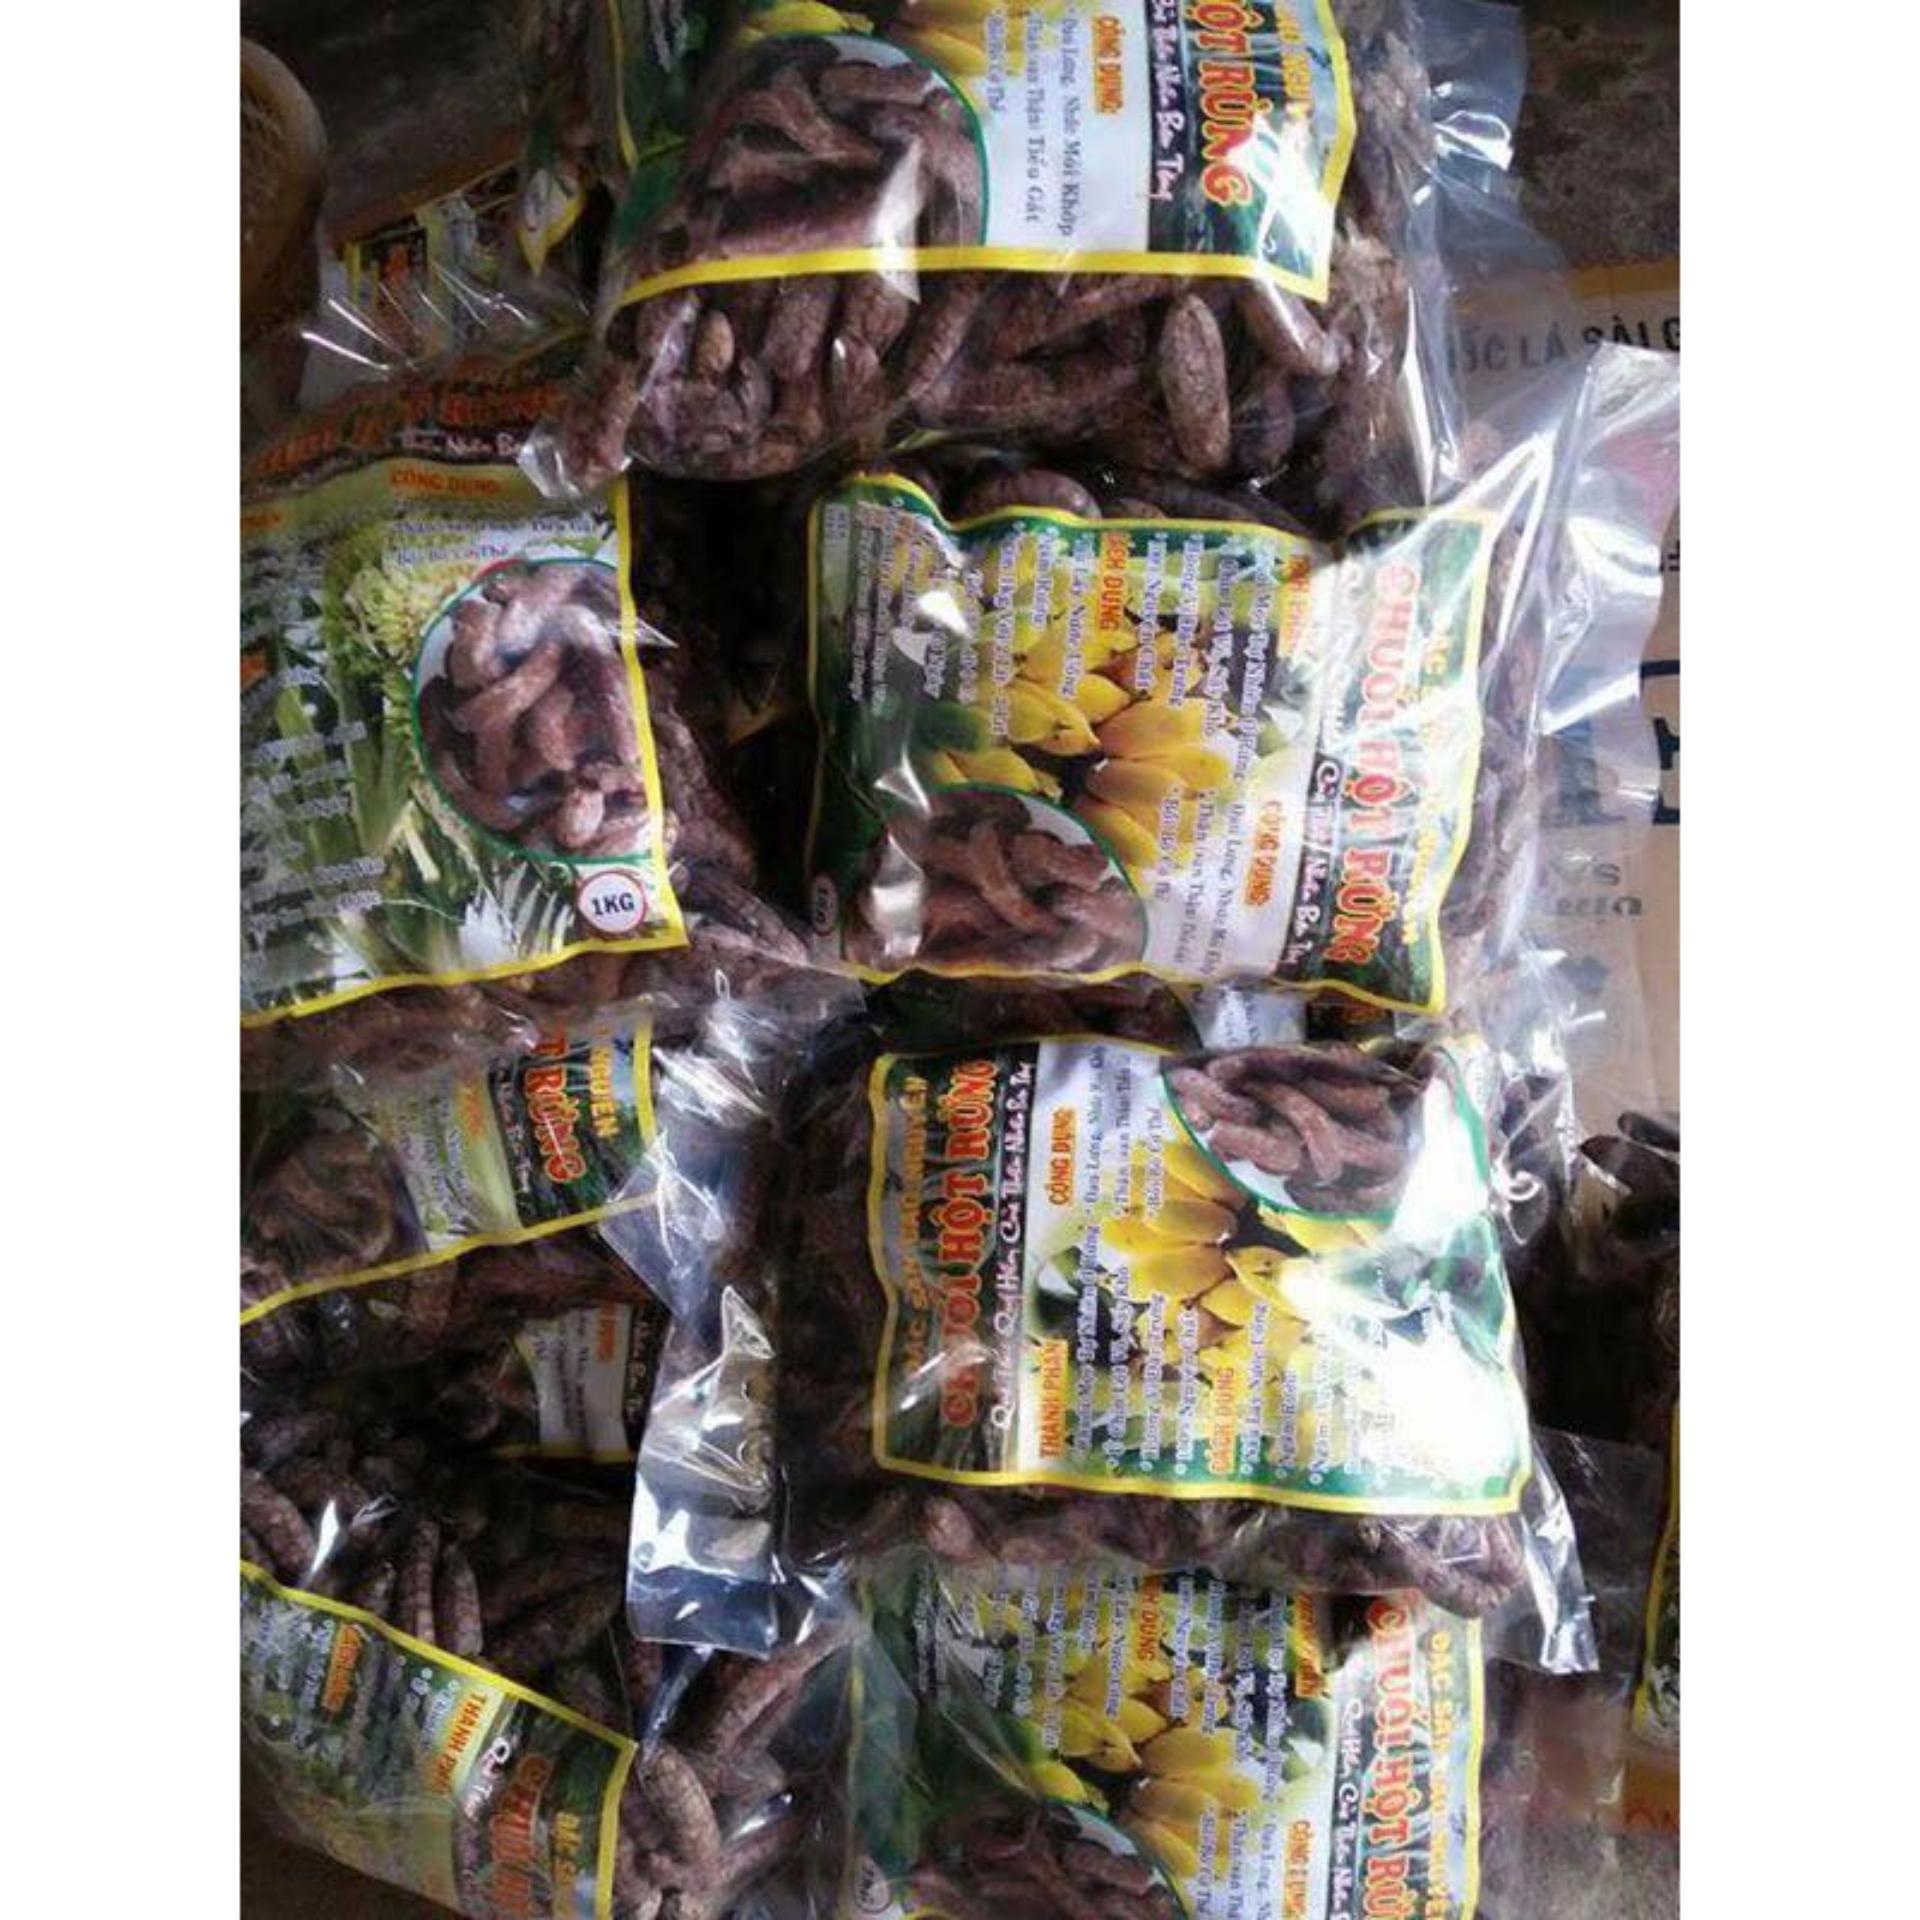 Chuối hột rừng 1kg nguyên quả trị tiểu đường, sỏi thận, đau dạ dày, tiêu độc